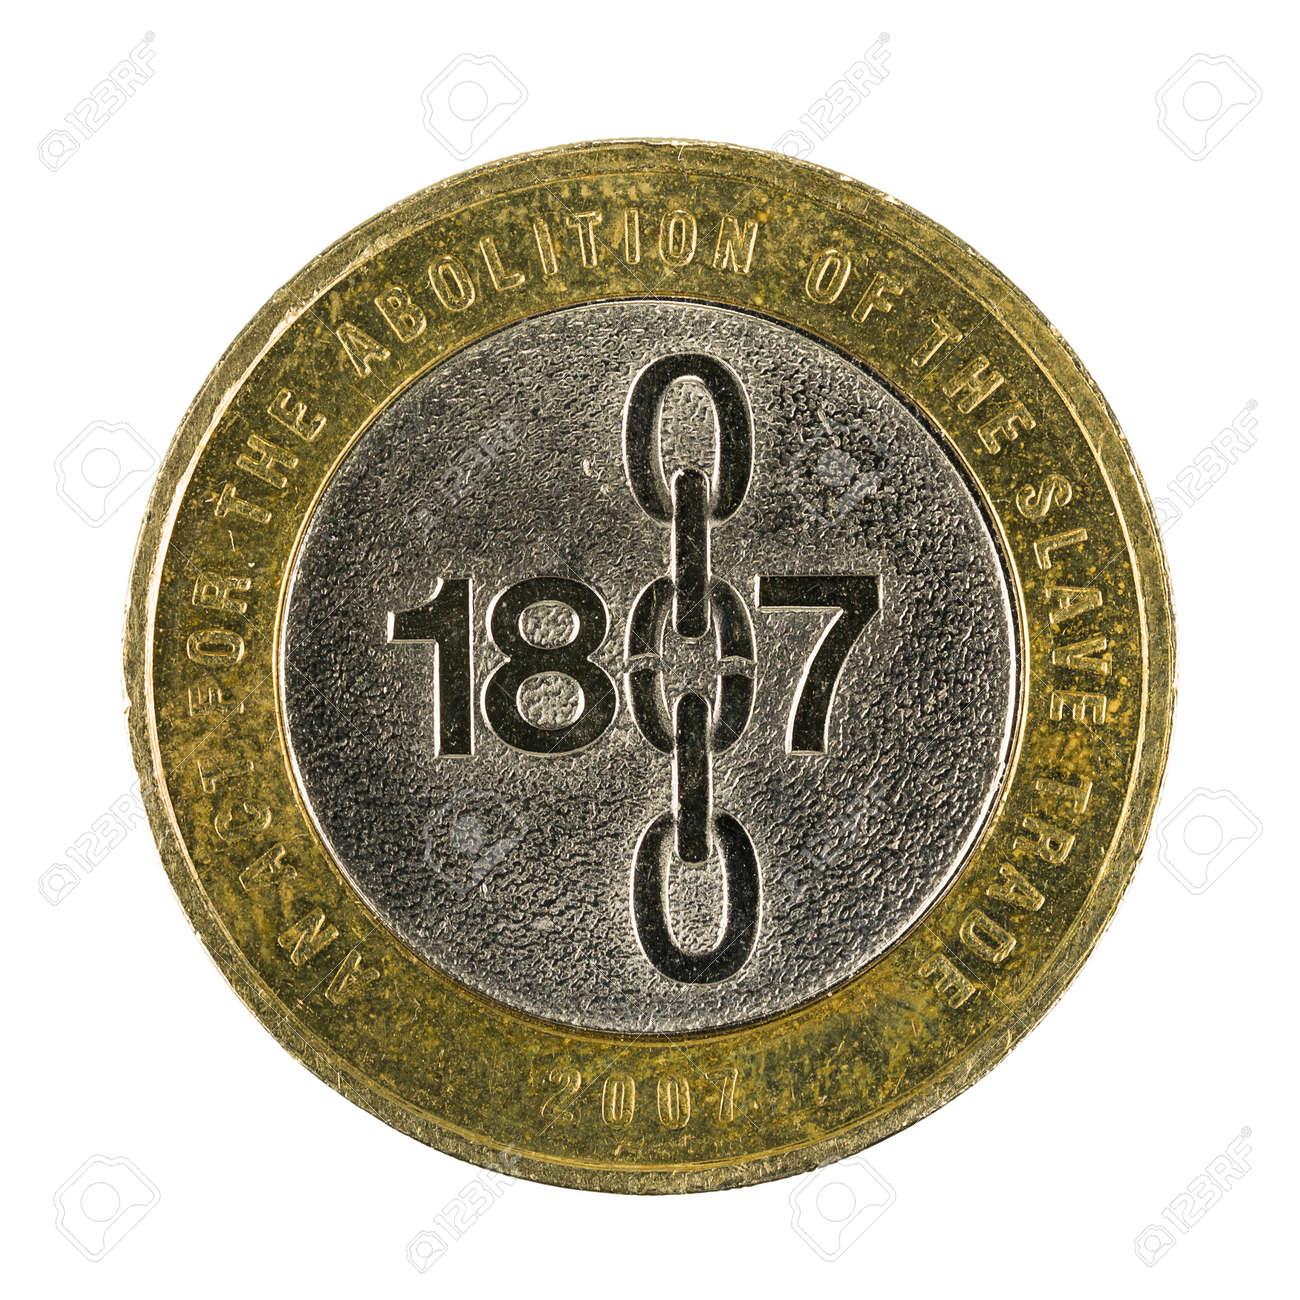 Zwei Britische Pfund Münze 2007 Isoliert Auf Weißem Hintergrund